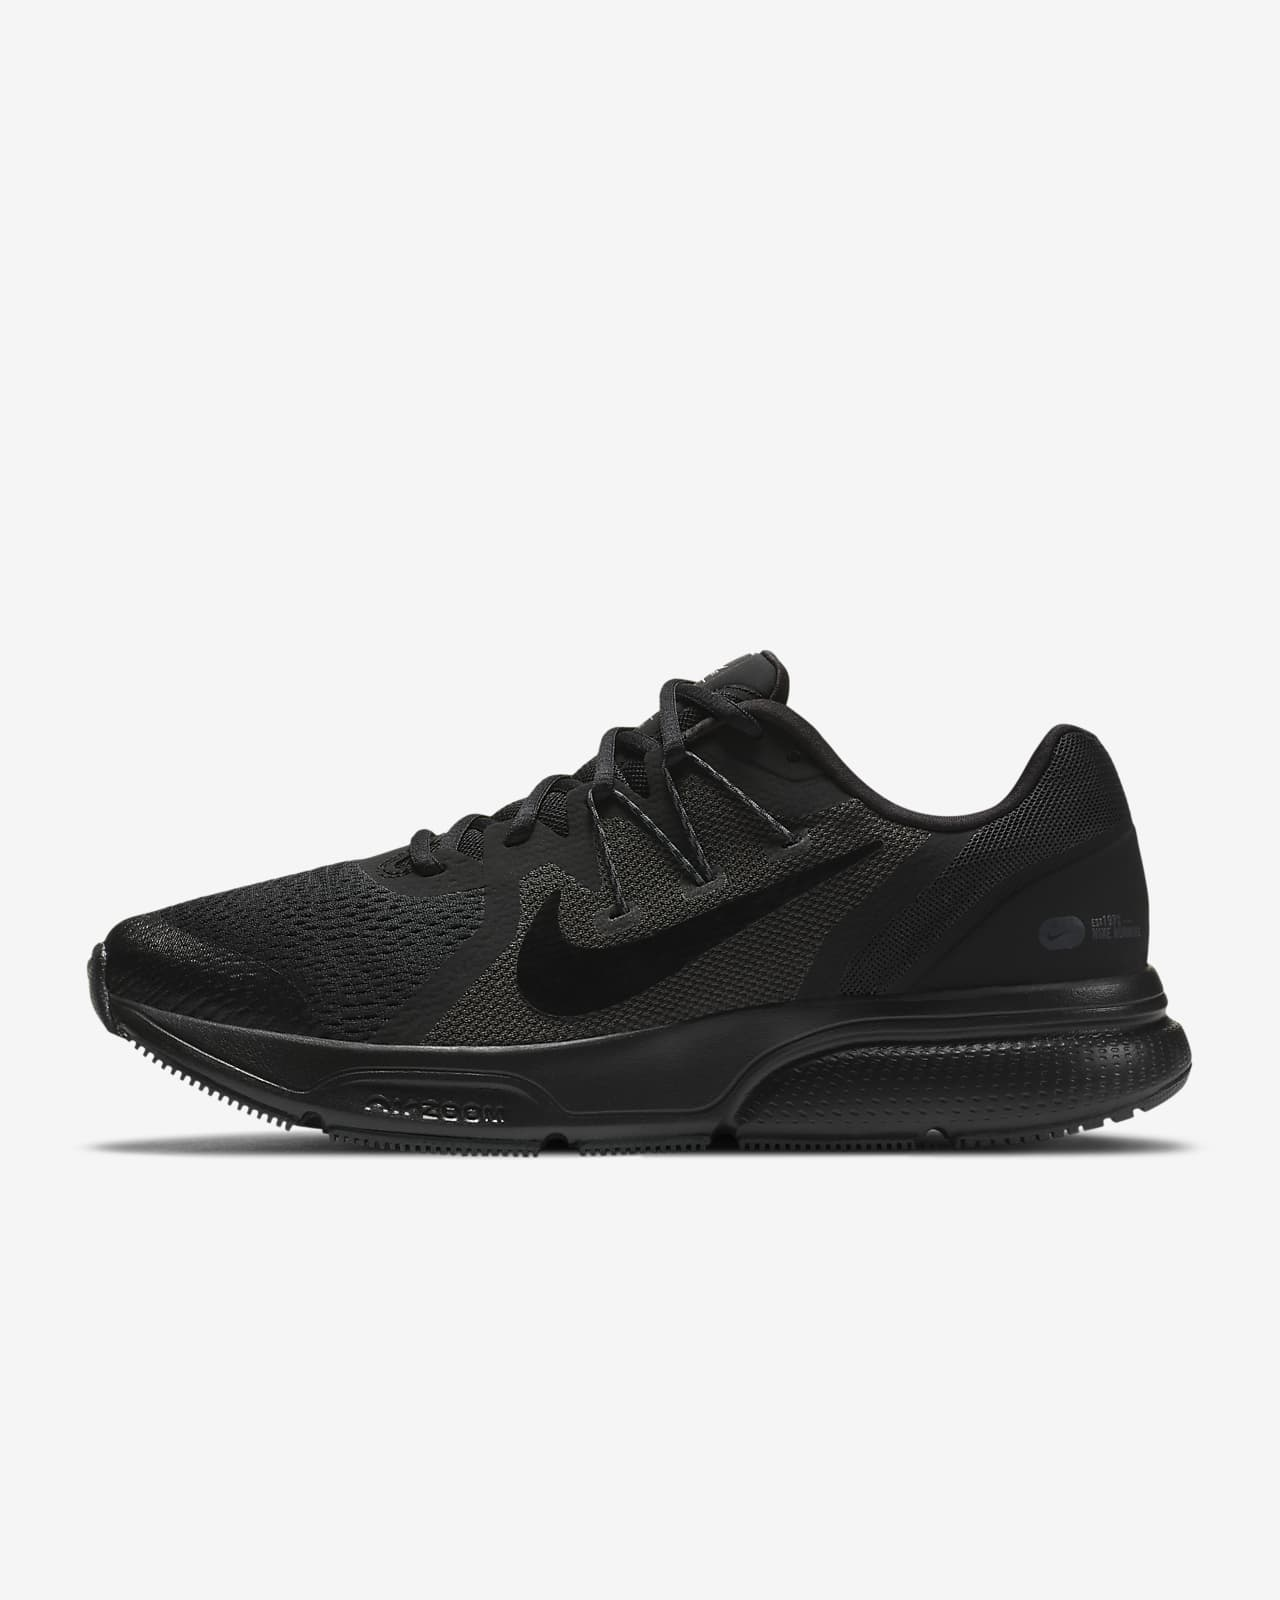 Nike Zoom Span 3 Men's Running Shoe